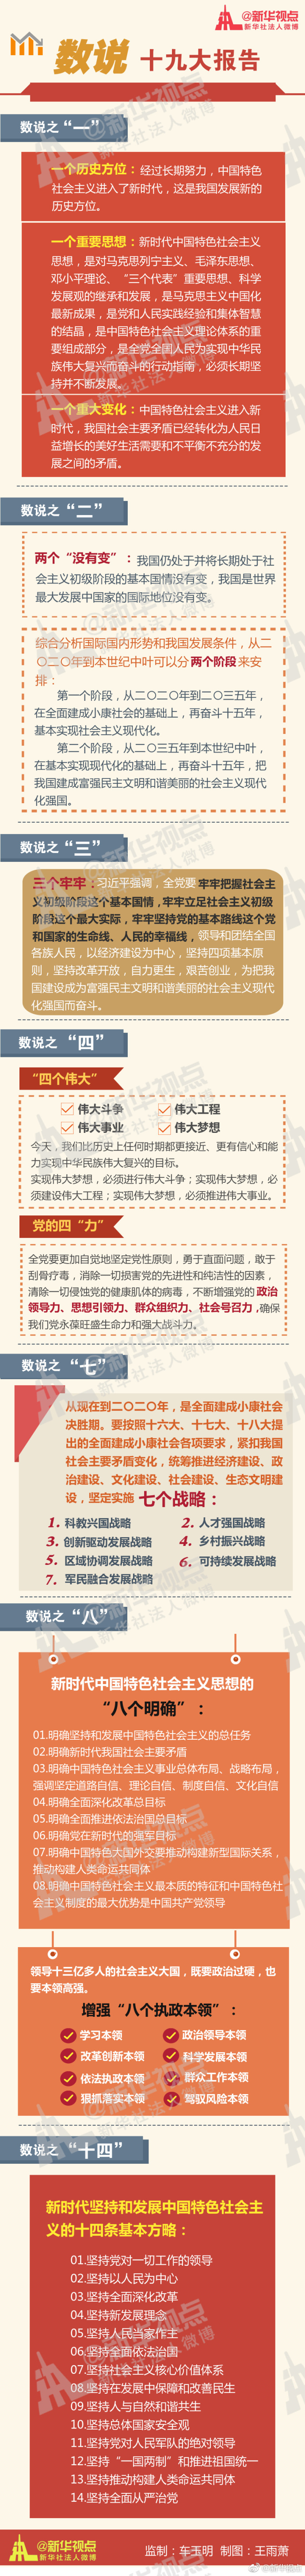 """2018考研政治:时政热点事件之""""数""""说十九大报告"""